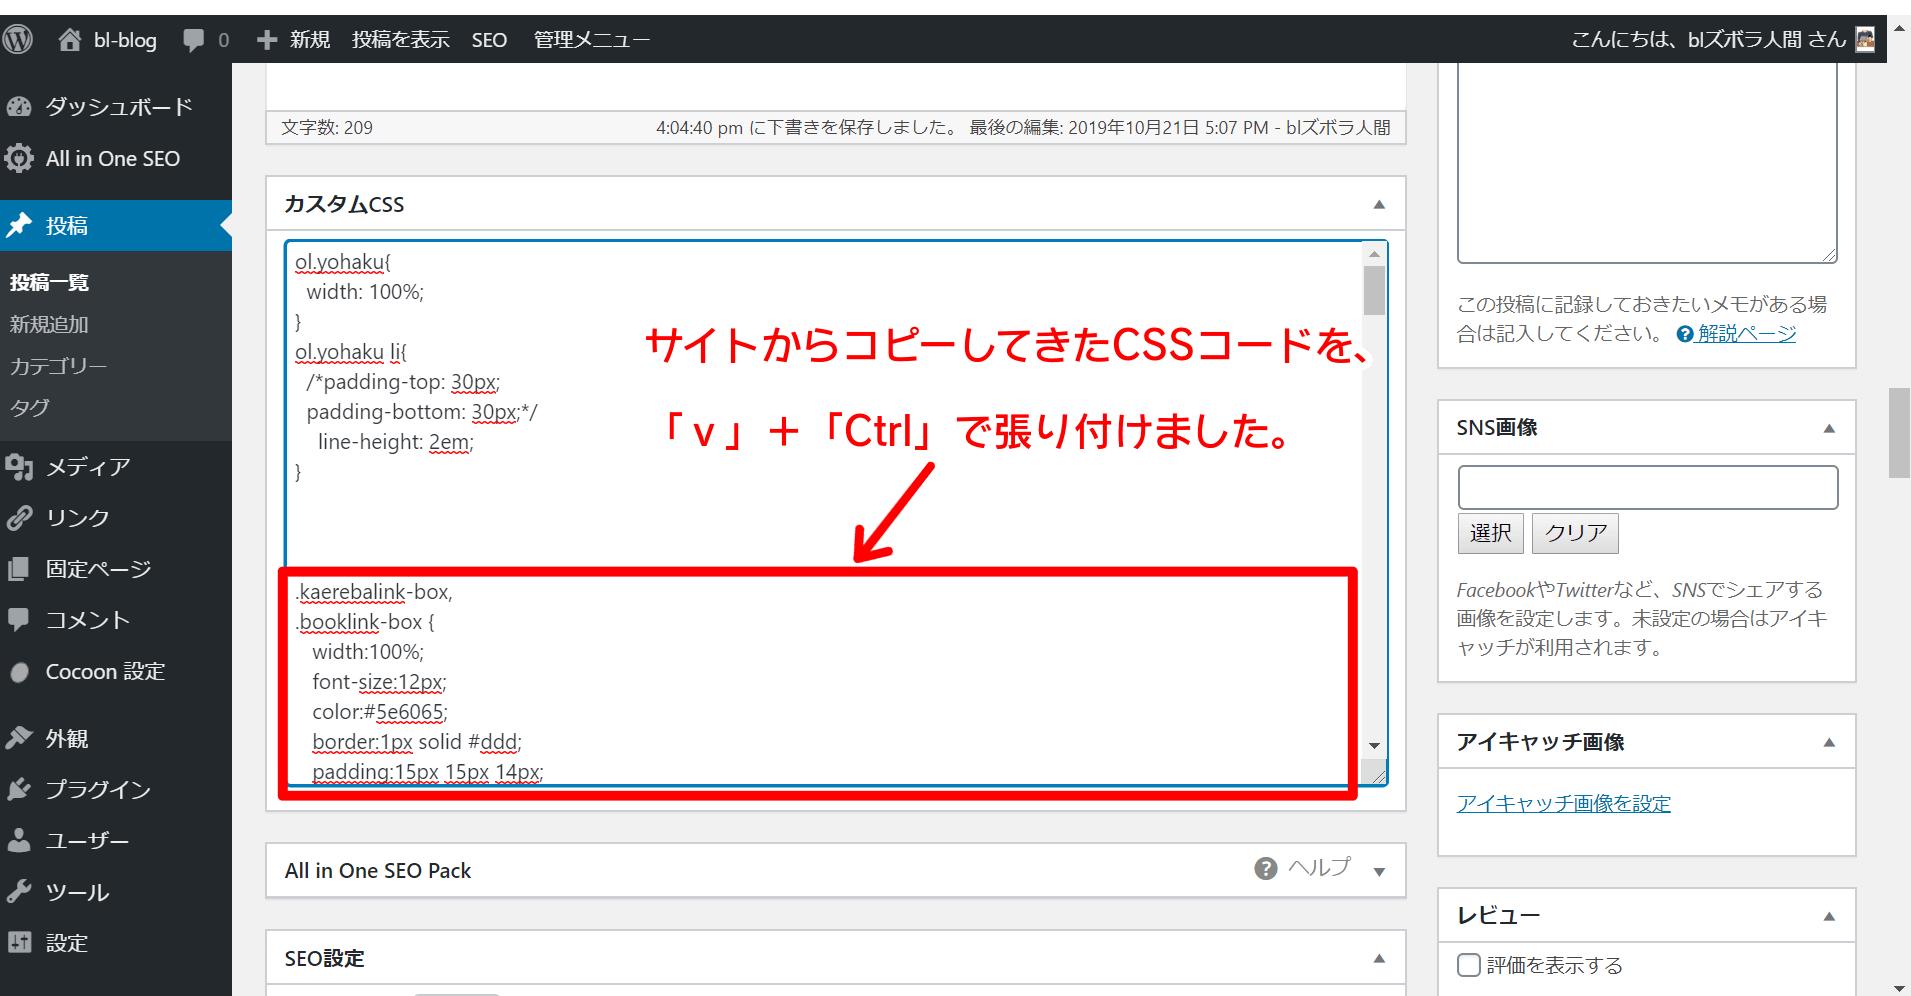 カスタムCSSにペーストした後、プレビューを押すんだよ。